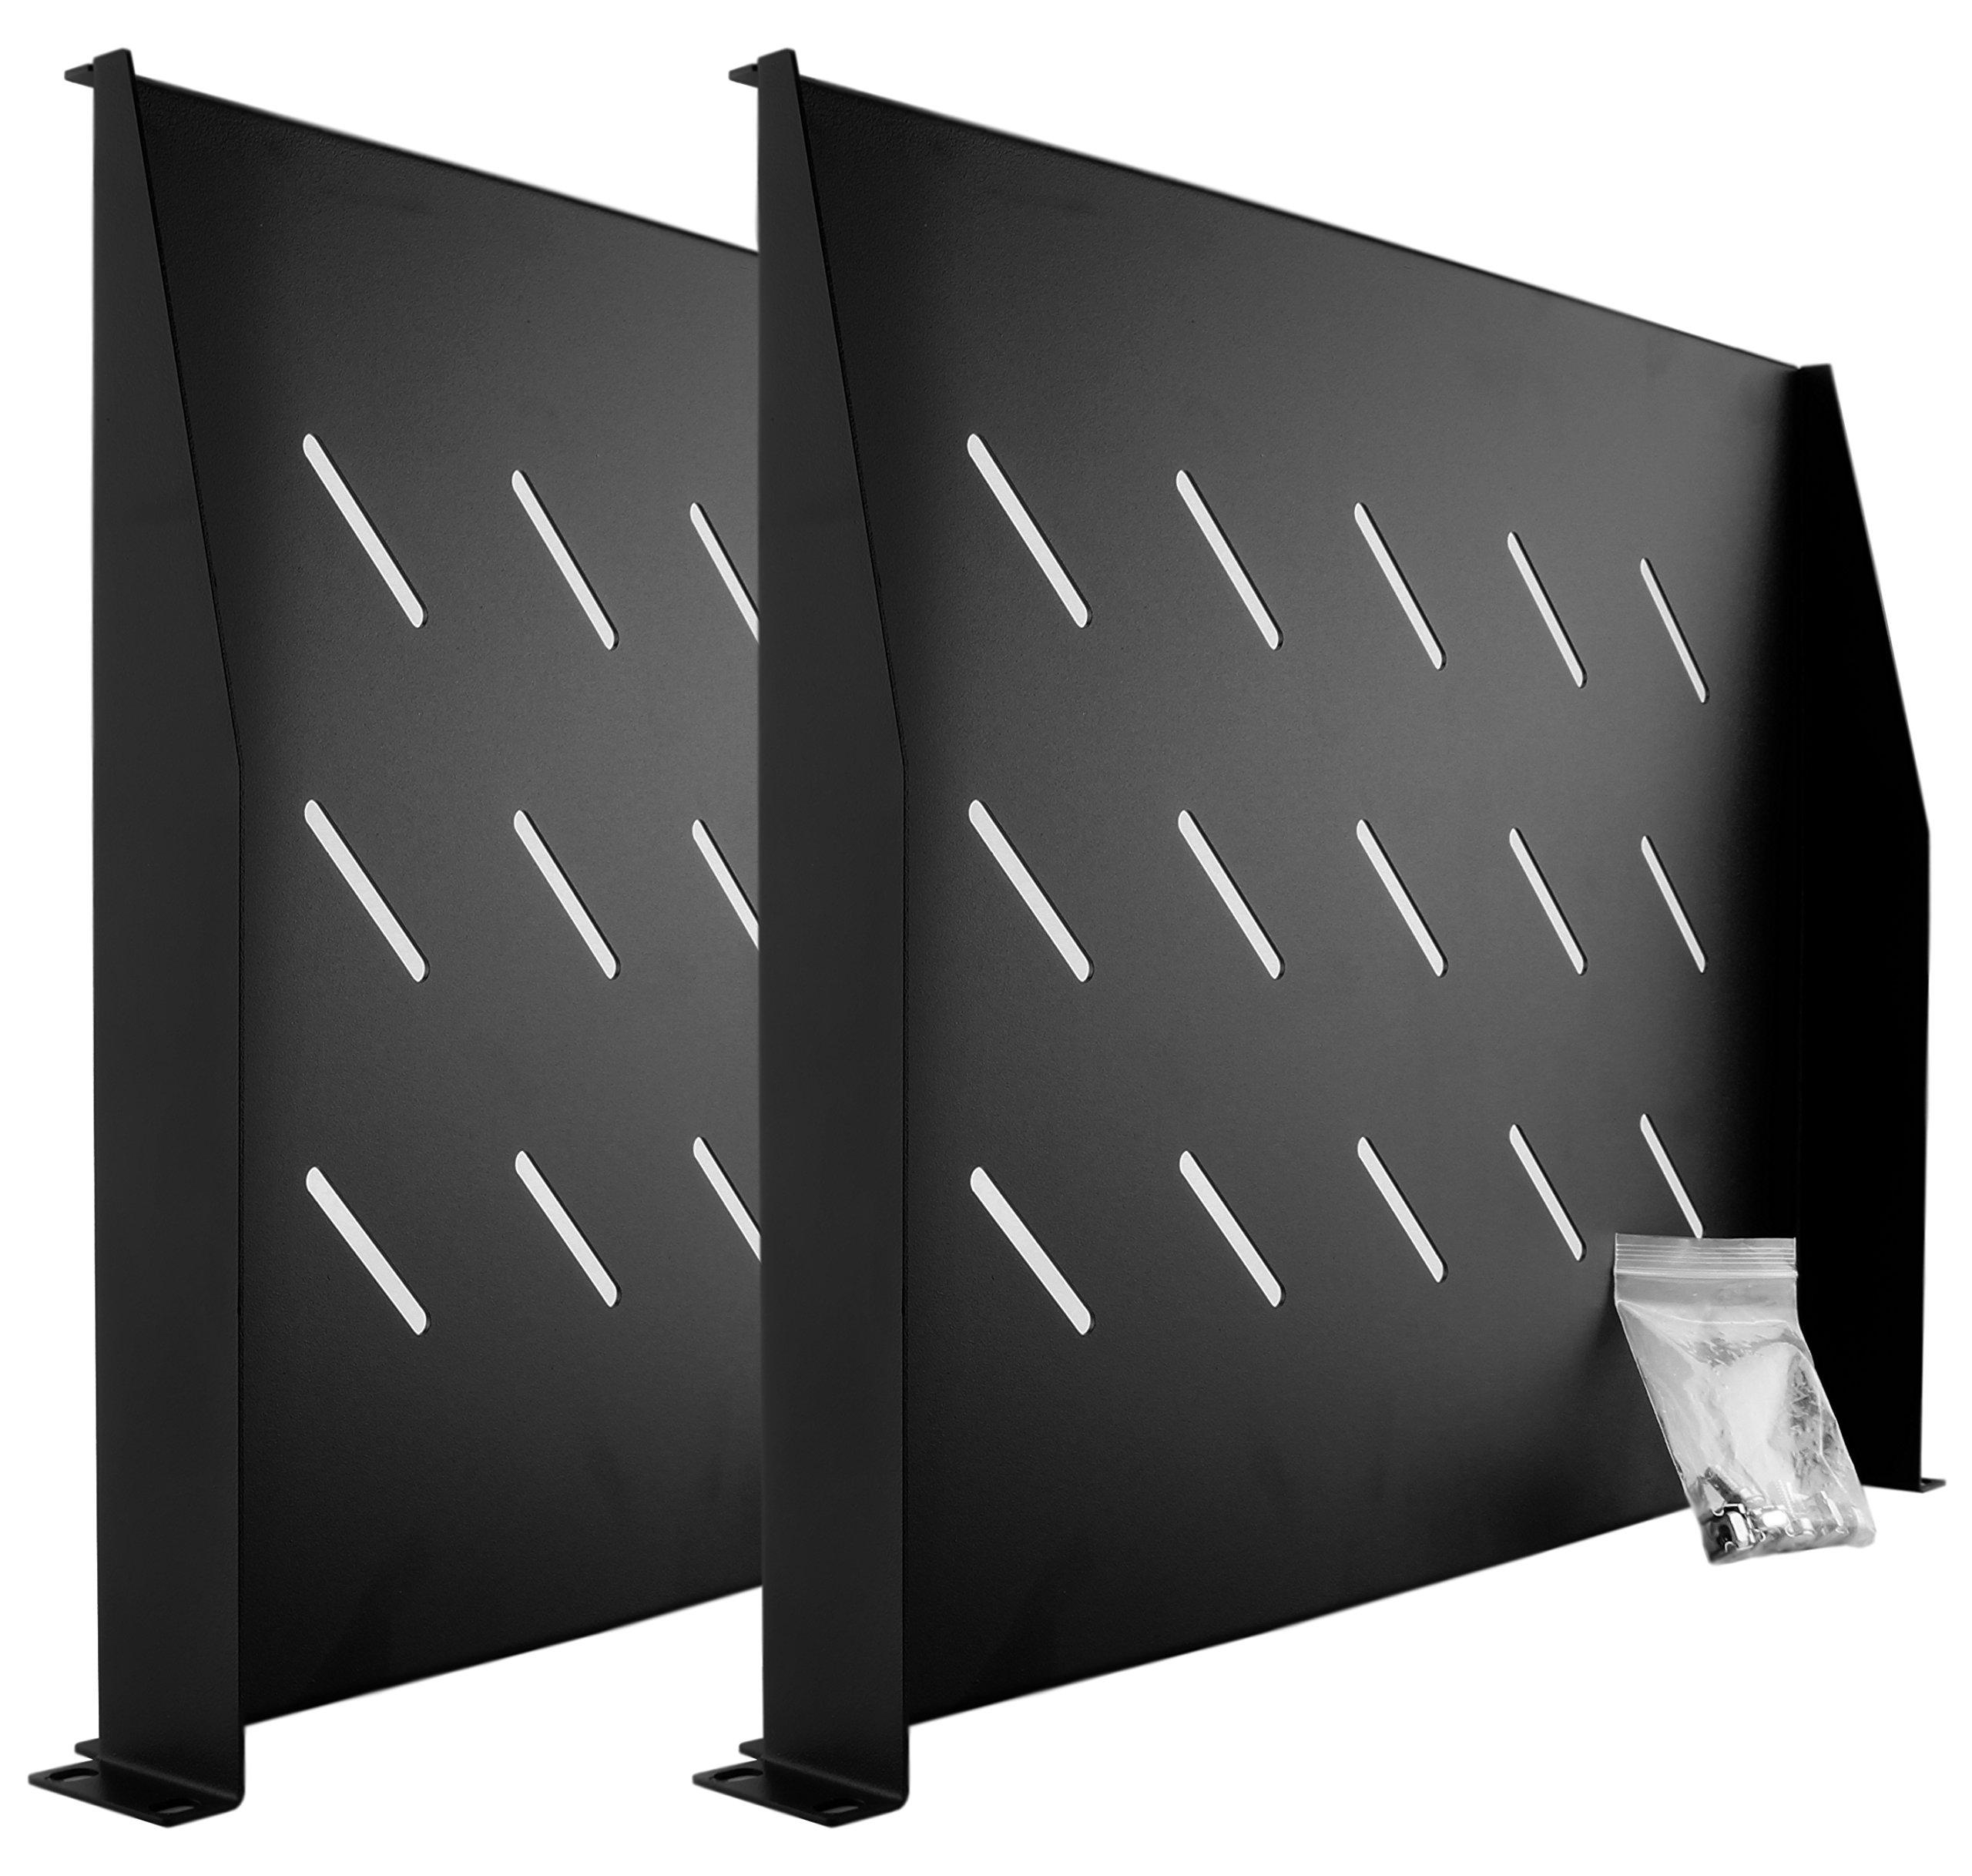 vertical com equipment view startech rack steel dp inch larger mount wall shelf